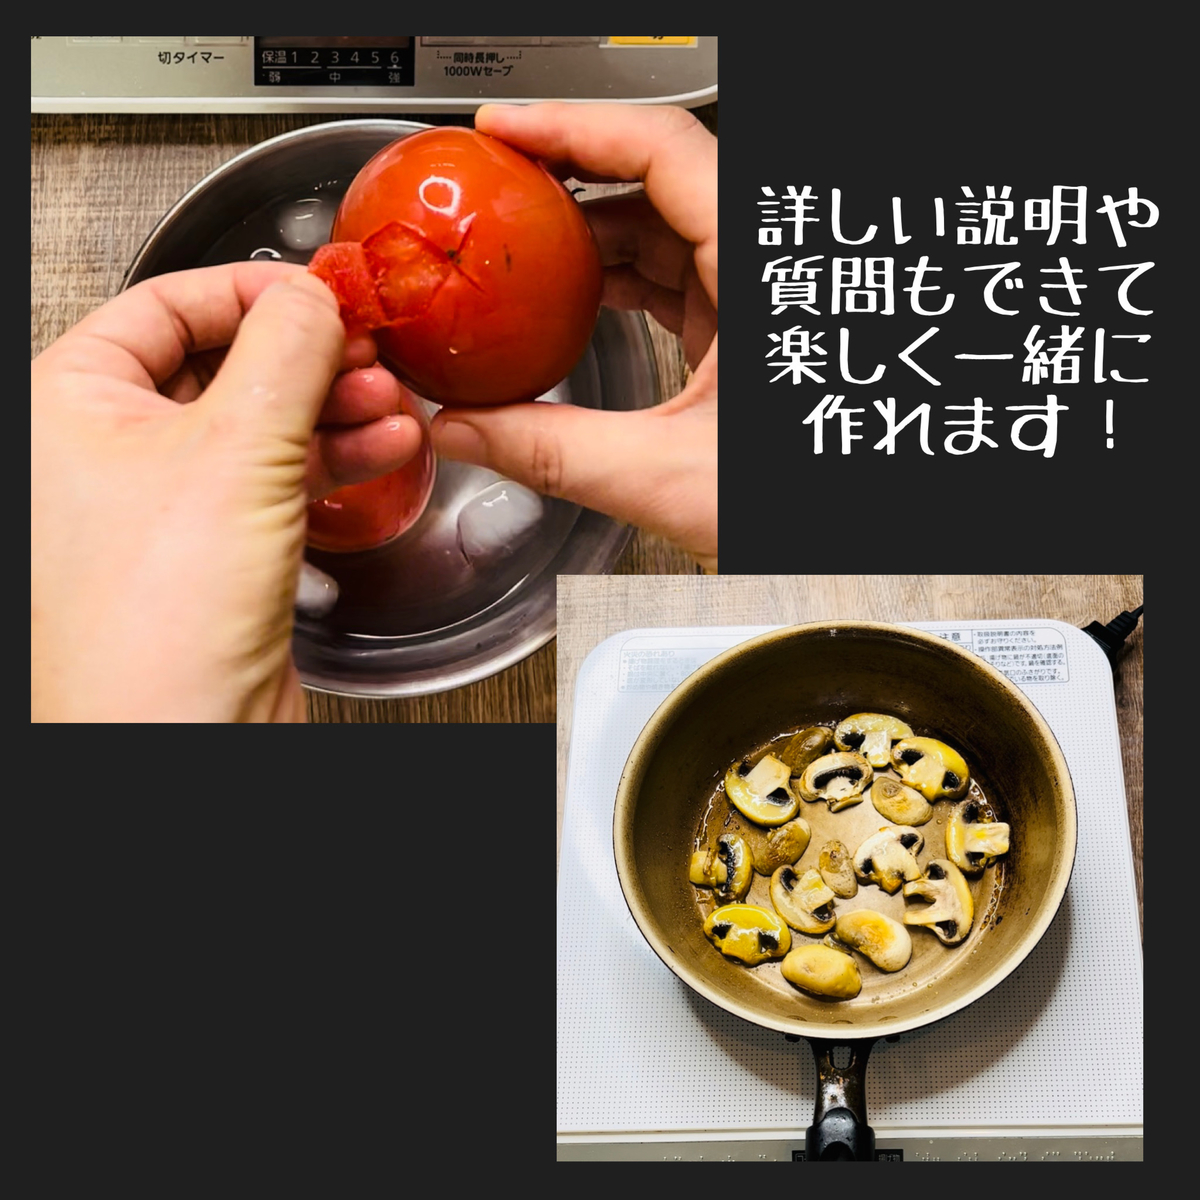 f:id:fujikana:20211015013446j:plain